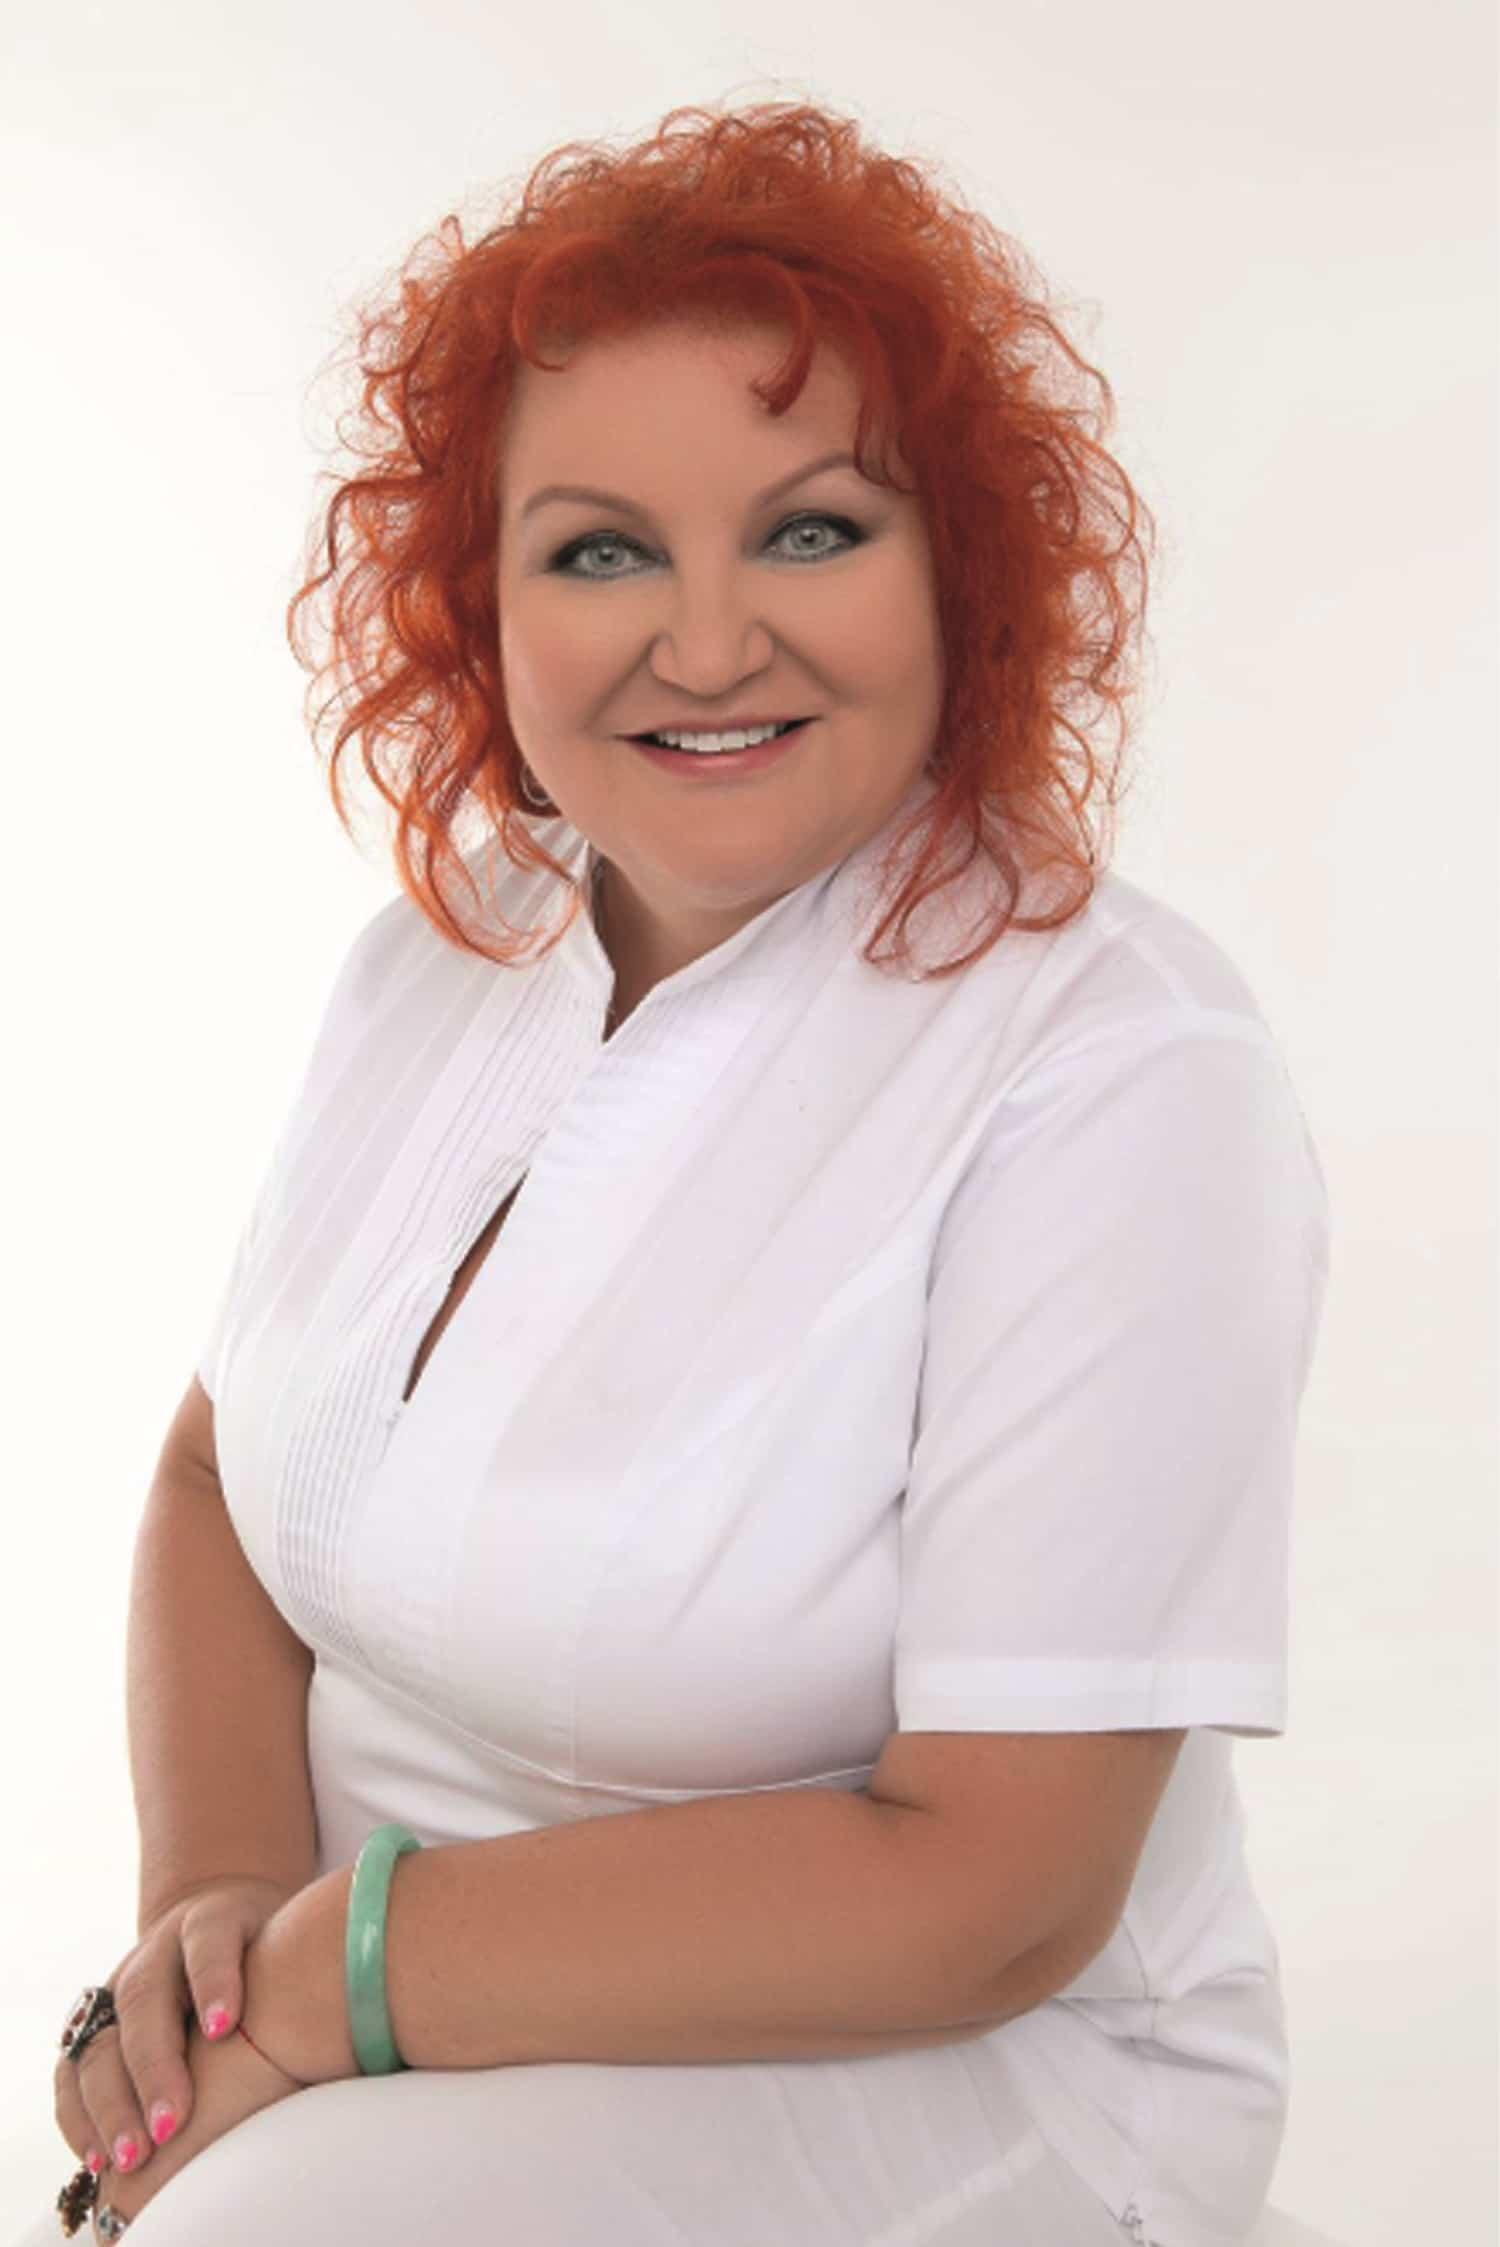 MUDr. Radmila Sládičeková